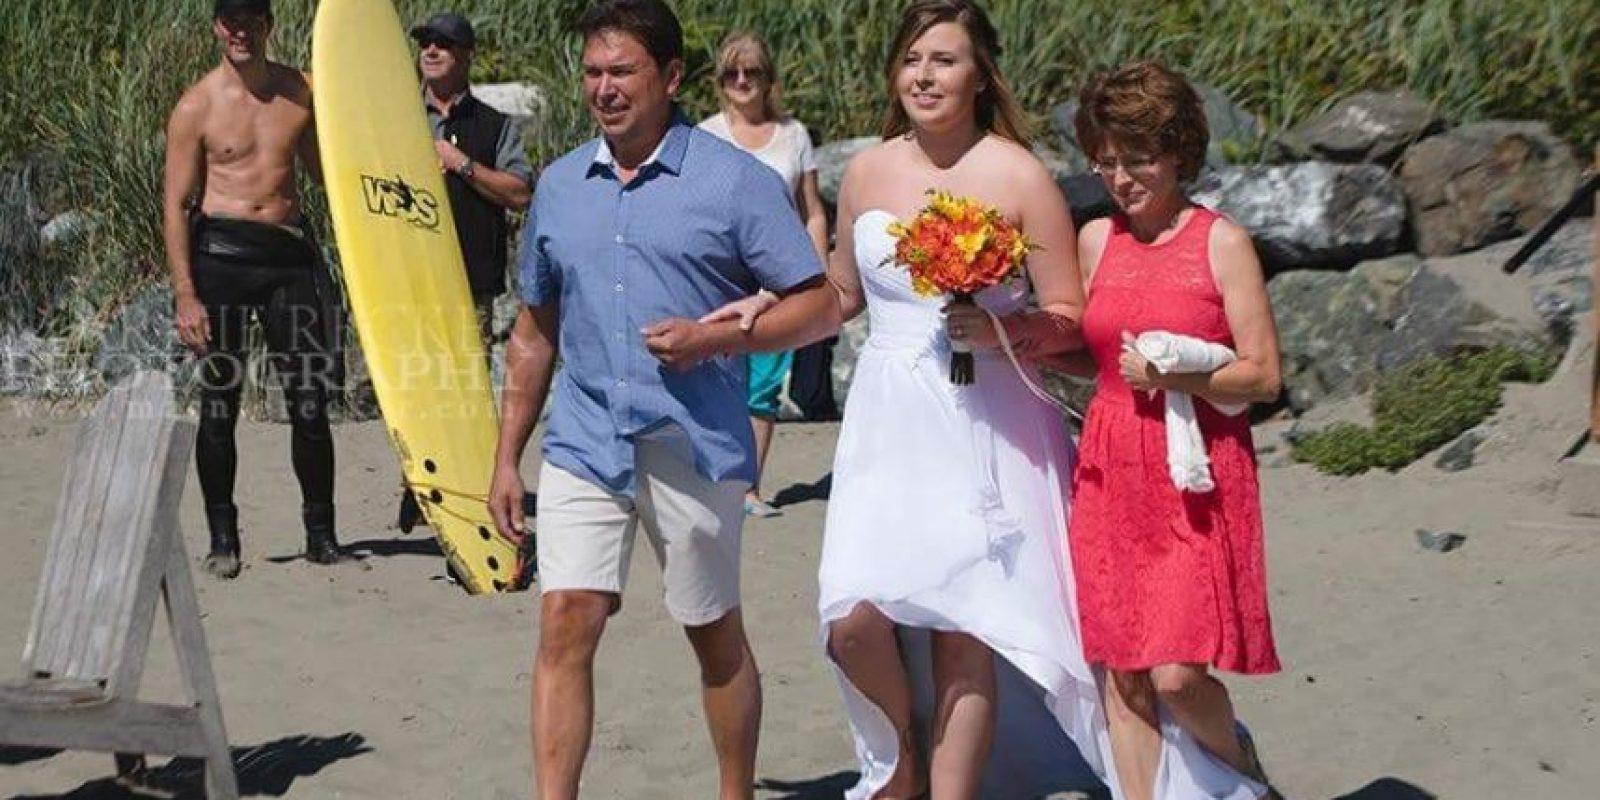 La imagen de Trudeau descamisado fue tomada por una fotógrafa de bodas en la isla de Vancouver, Marnie Recker. Ella tuiteó el sábado la foto en la que Trudeau aparece de pie en segundo plano y con su tabla de surf, varios metros atrás de una pareja que se casó en una playa de Tofino, Columbia Británica. La imagen generó muchos retuits y fanfarria en línea. Foto:Twitter: Marnie Recker Photo. Imagen Por: